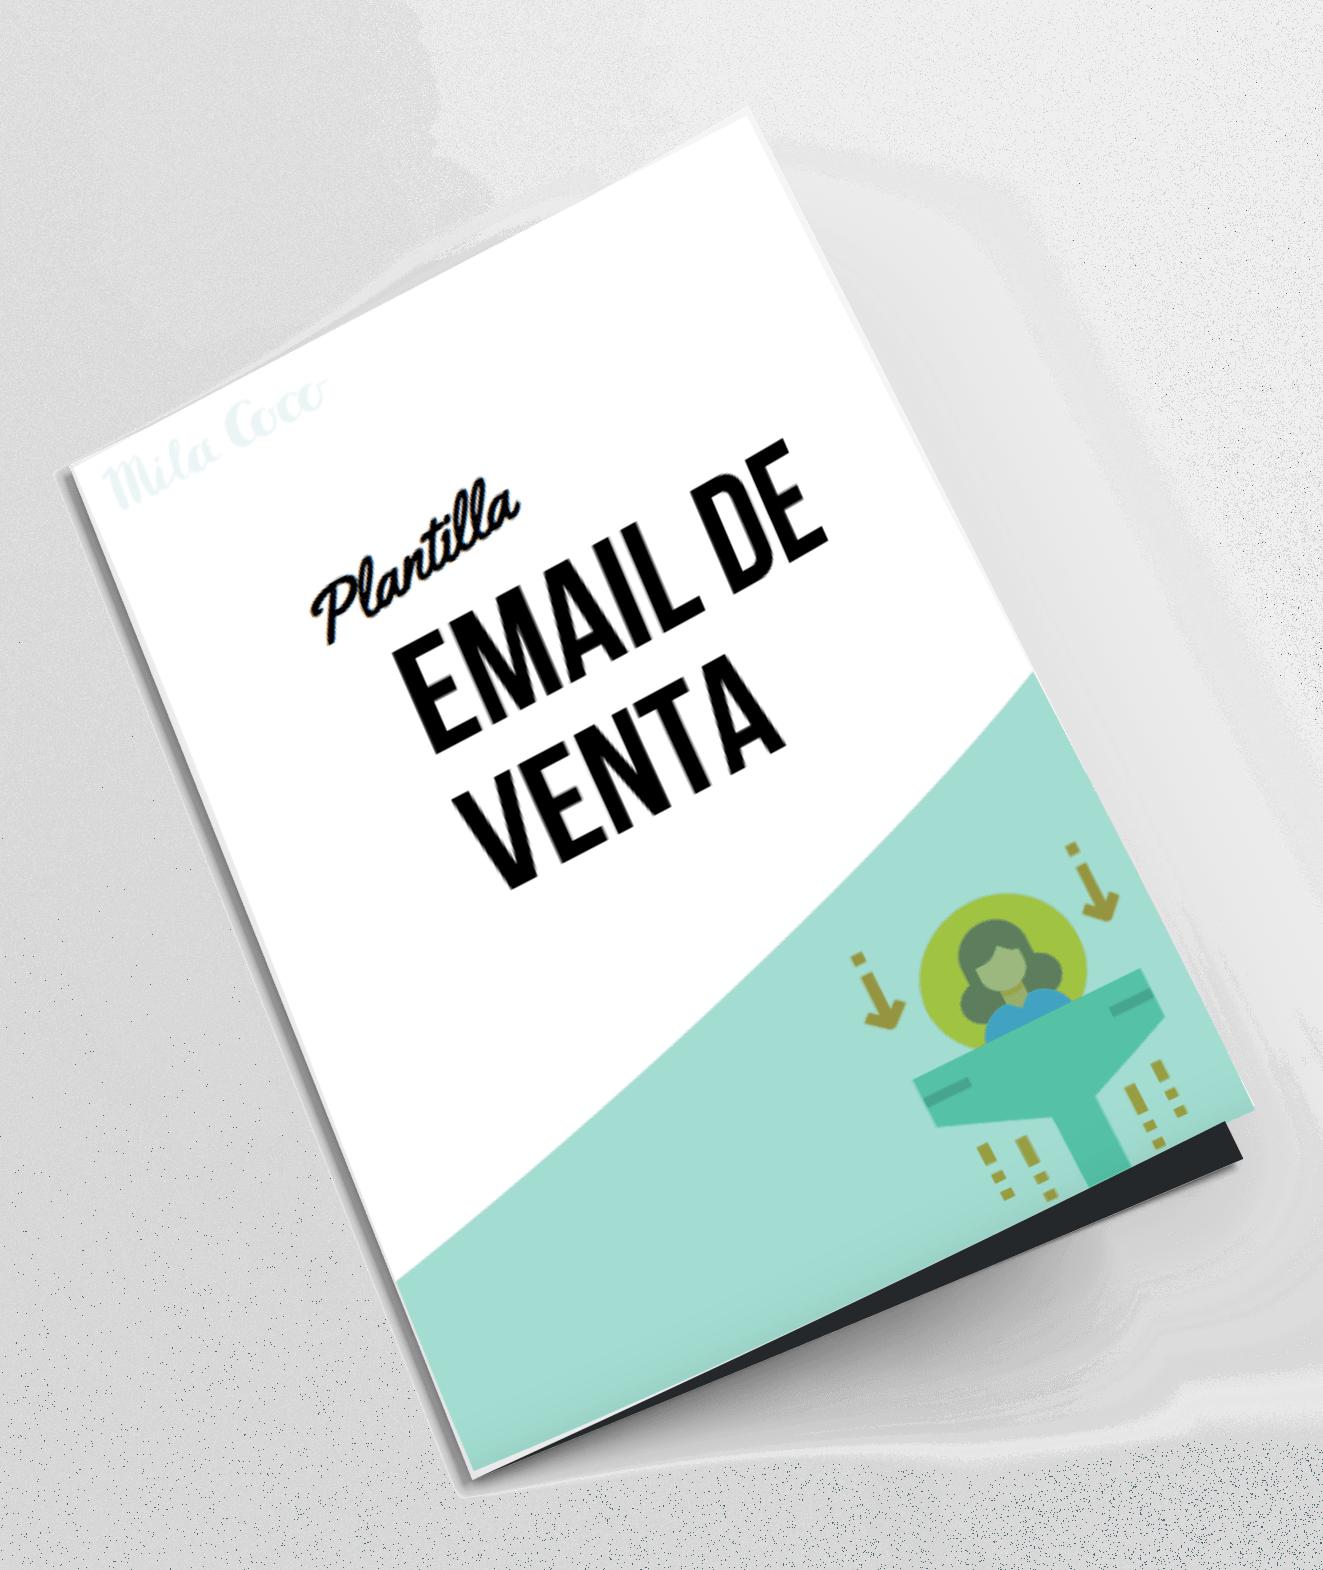 Plantilla email de venta